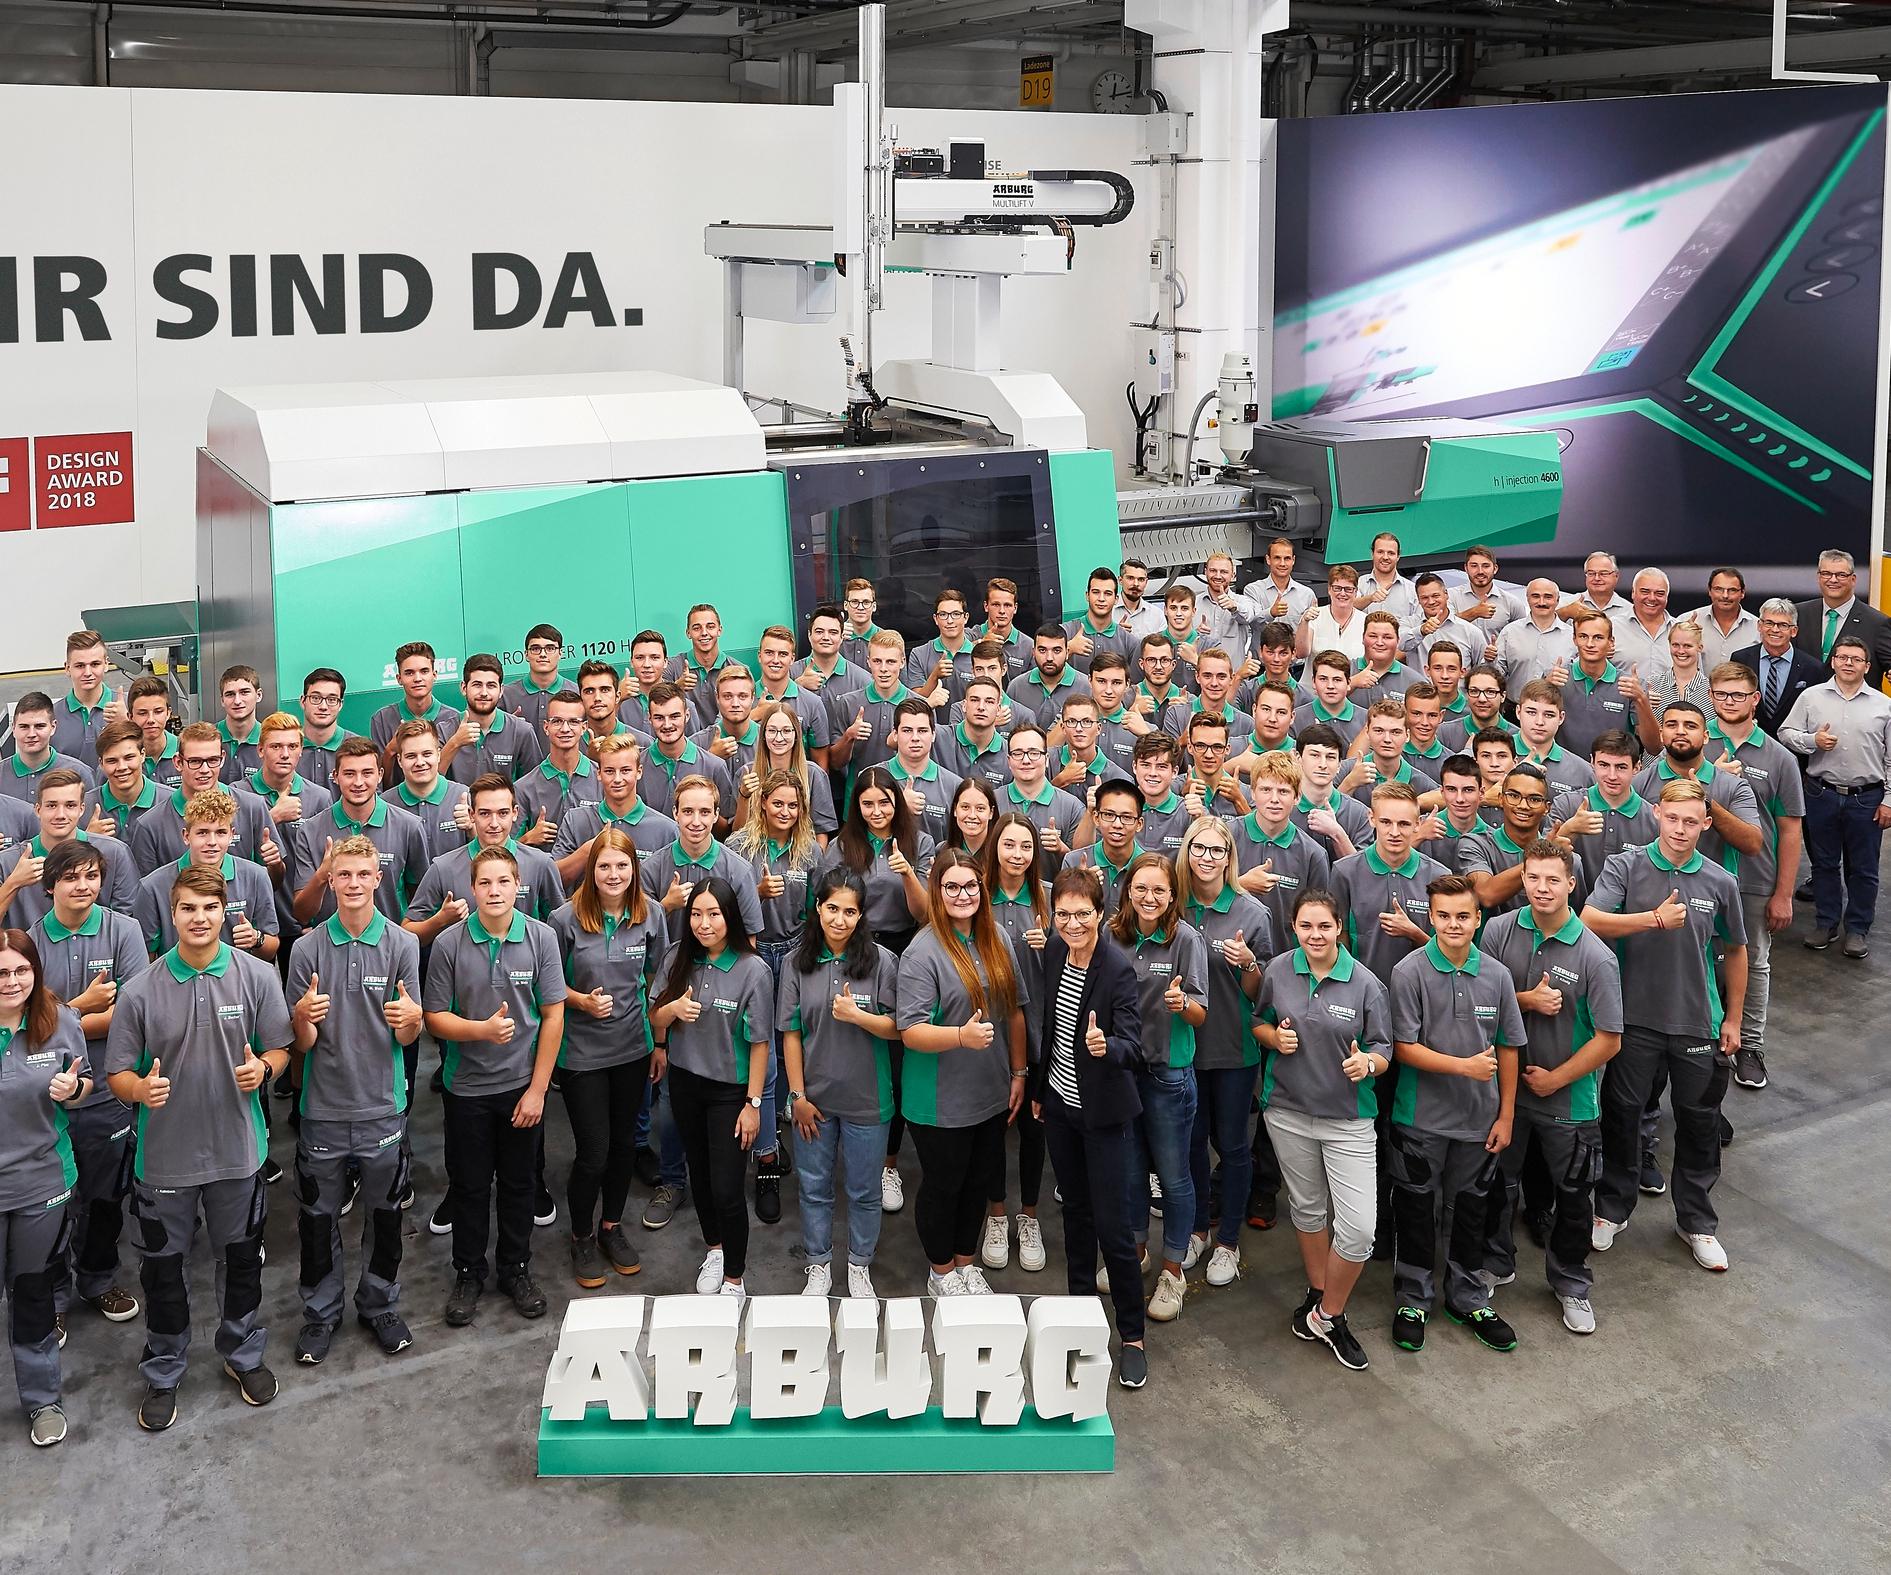 Motivados y llenos de expectativas: 85 aprendices y estudiantes comenzaron su aprendizaje en Arburg el 2 de septiembre de 2019.